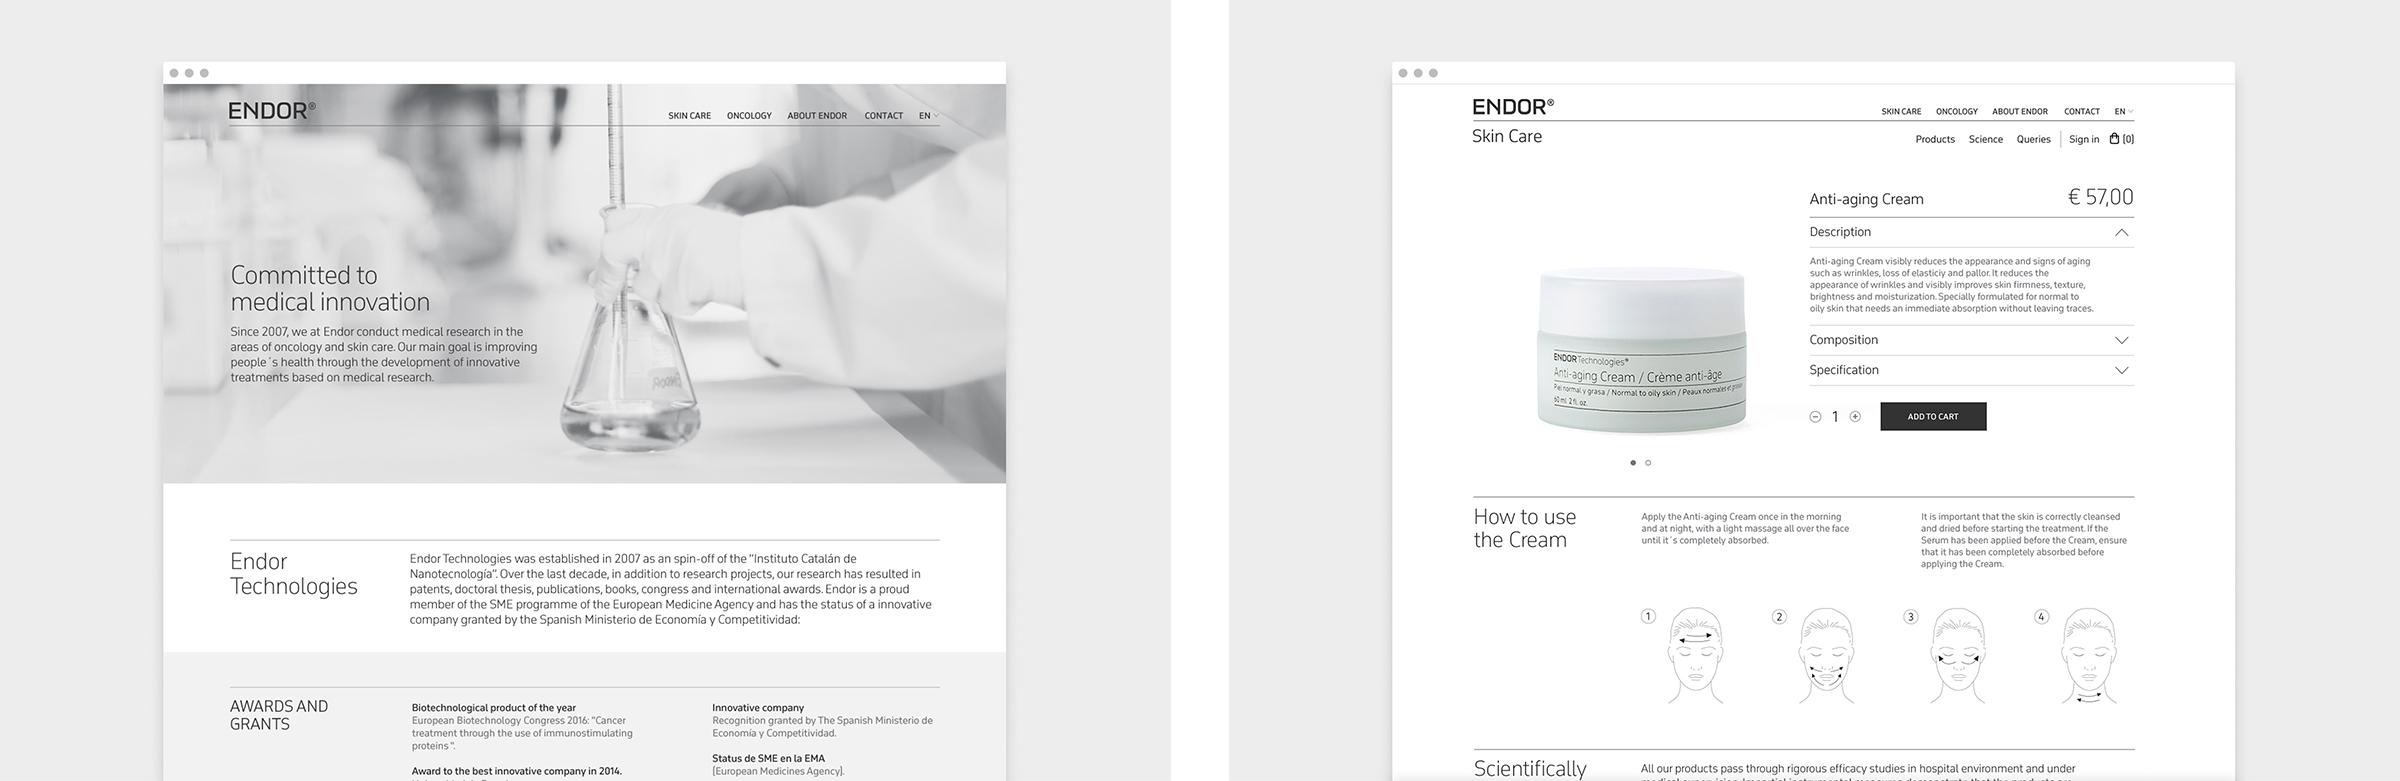 Fase, estudio de diseño gráfico. Identidad corporativa y diseño de packaging para Endor Technologies. Web.